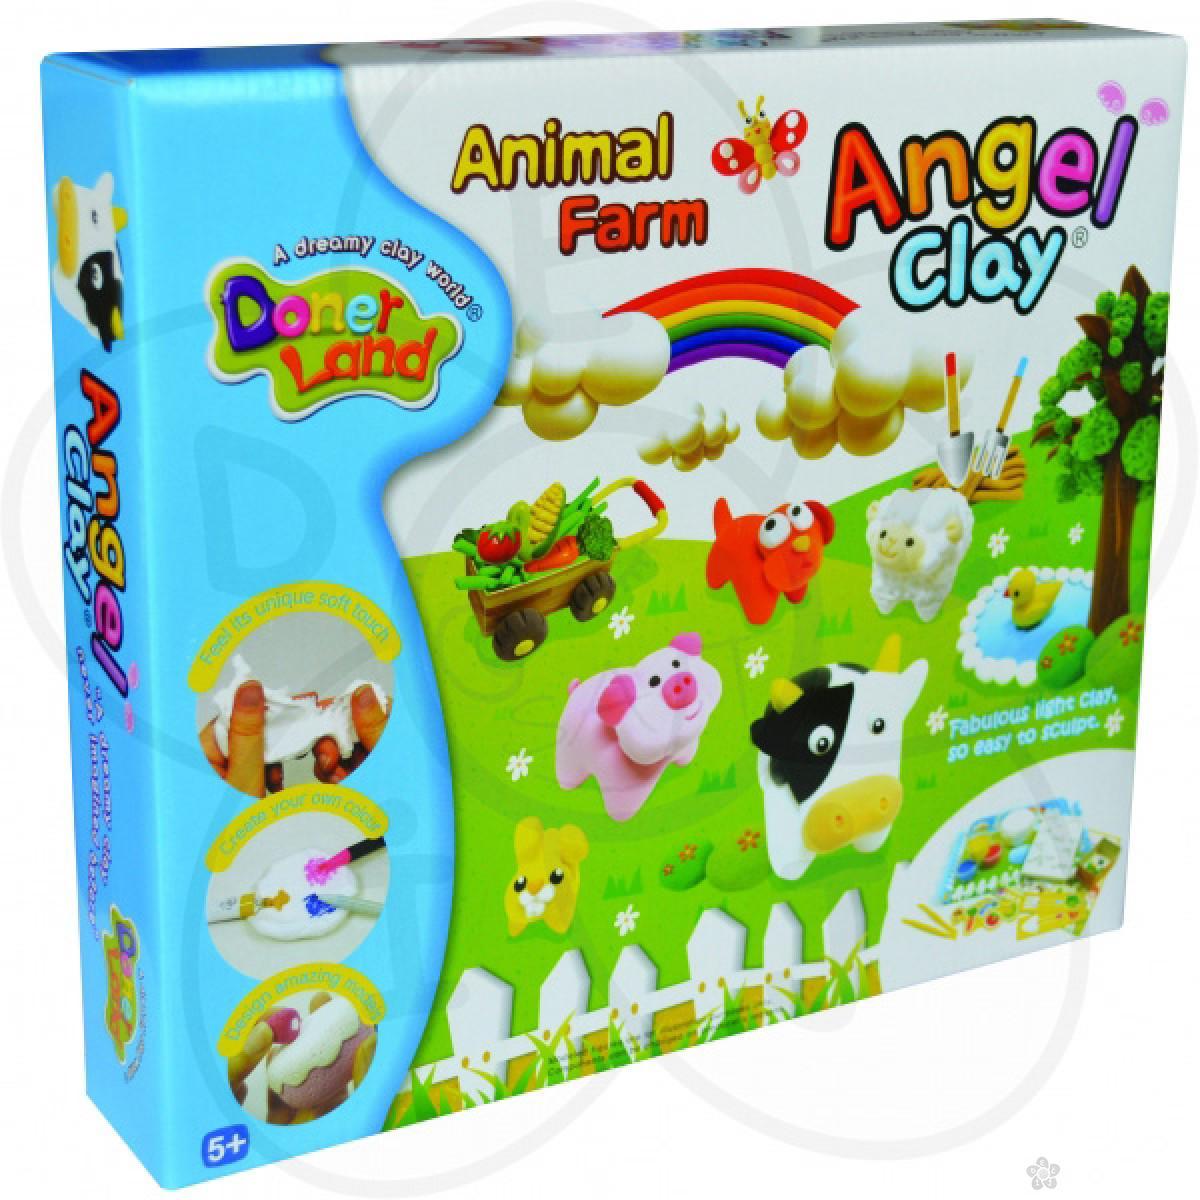 Igračke Angel Clay masa za oblikovanje Životinjska farma